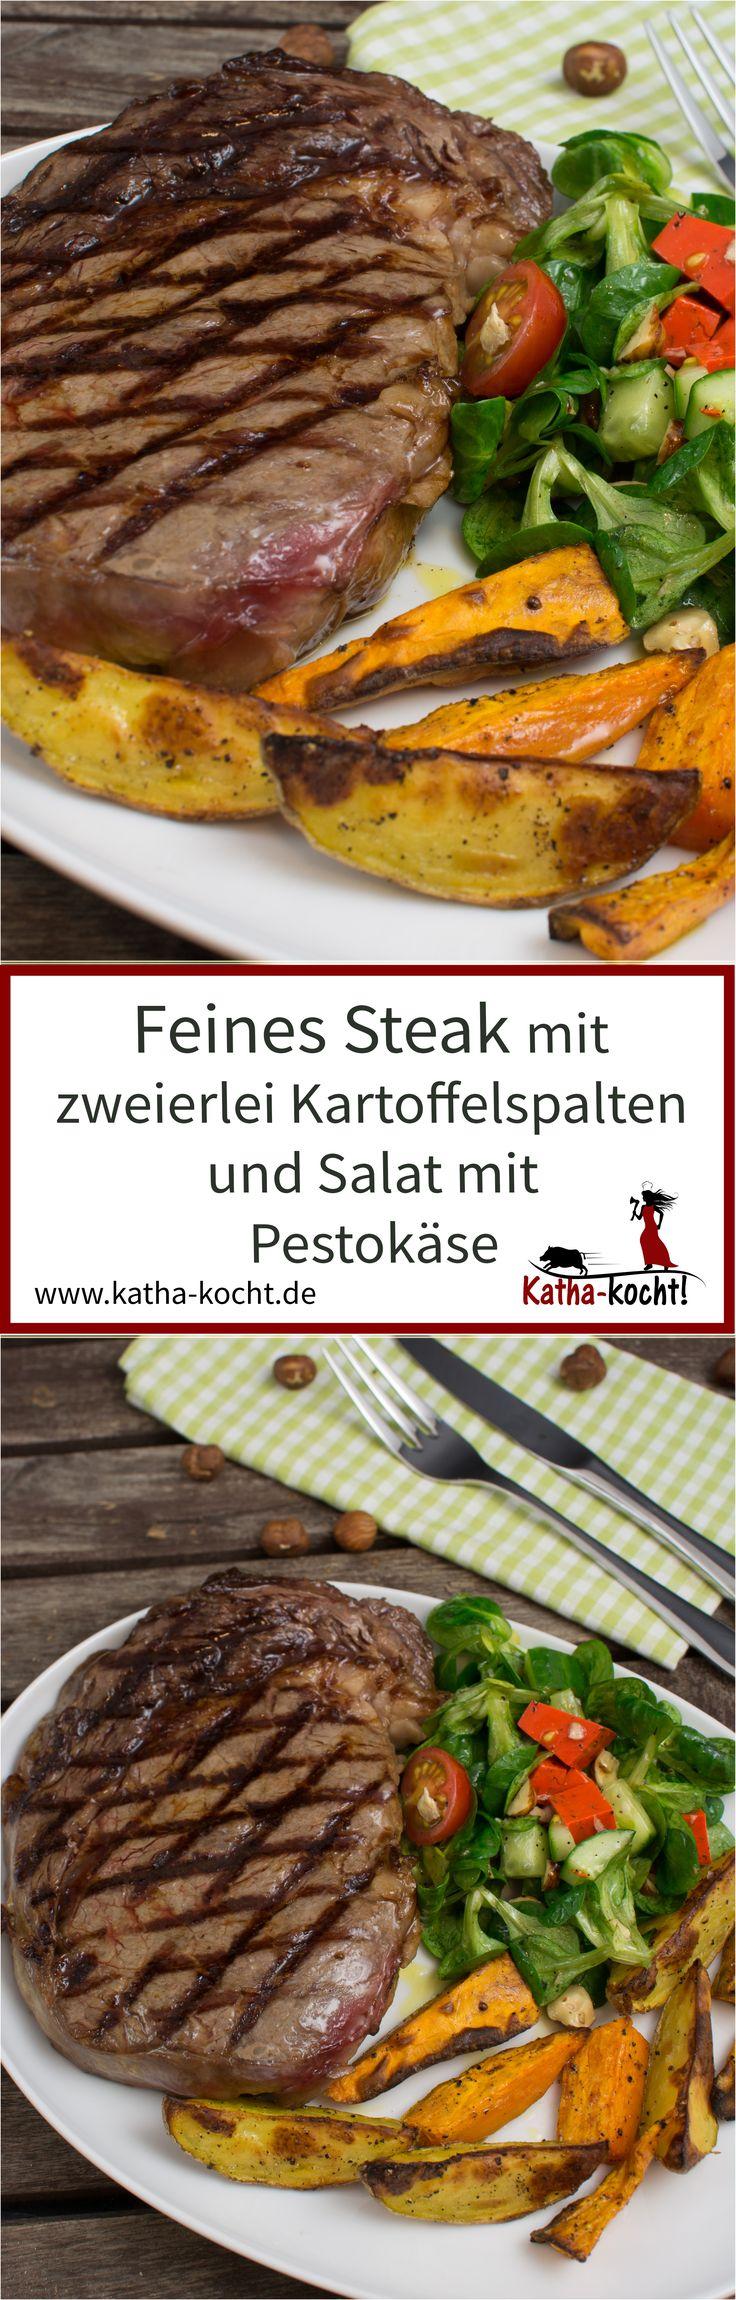 """Zu einem feinen Steak gehören auch ein paar tolle Beilagen - zum Beispiel bunte Kartoffelspalten mit """"normalen"""" Kartoffeln und Süßkartoffeln und ein schneller, frischer Salat mit rotem Pestokäse. Das Rezept gibt es auf katha-kocht!"""